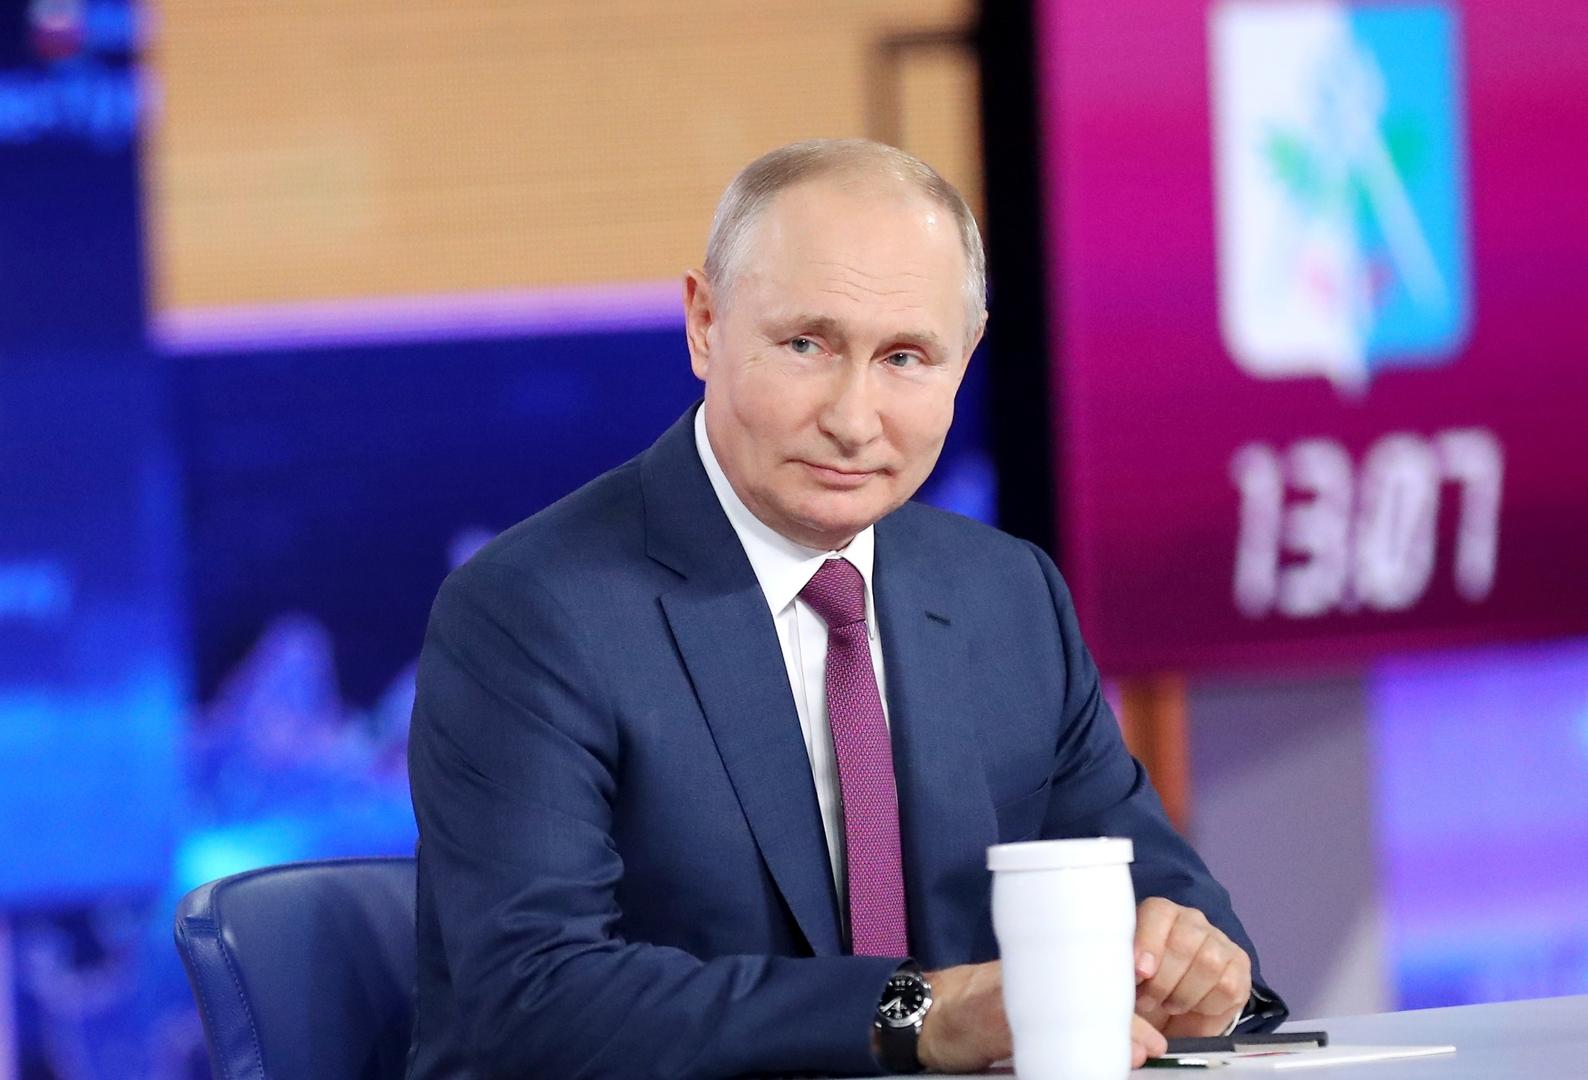 أسـ.ـرار عسكـ.ـرية واحتمال نشوب حـ.ـرب عالمية ثالثة والطريق إلى السعادة في حوار بوتين المباشر (فيديو)